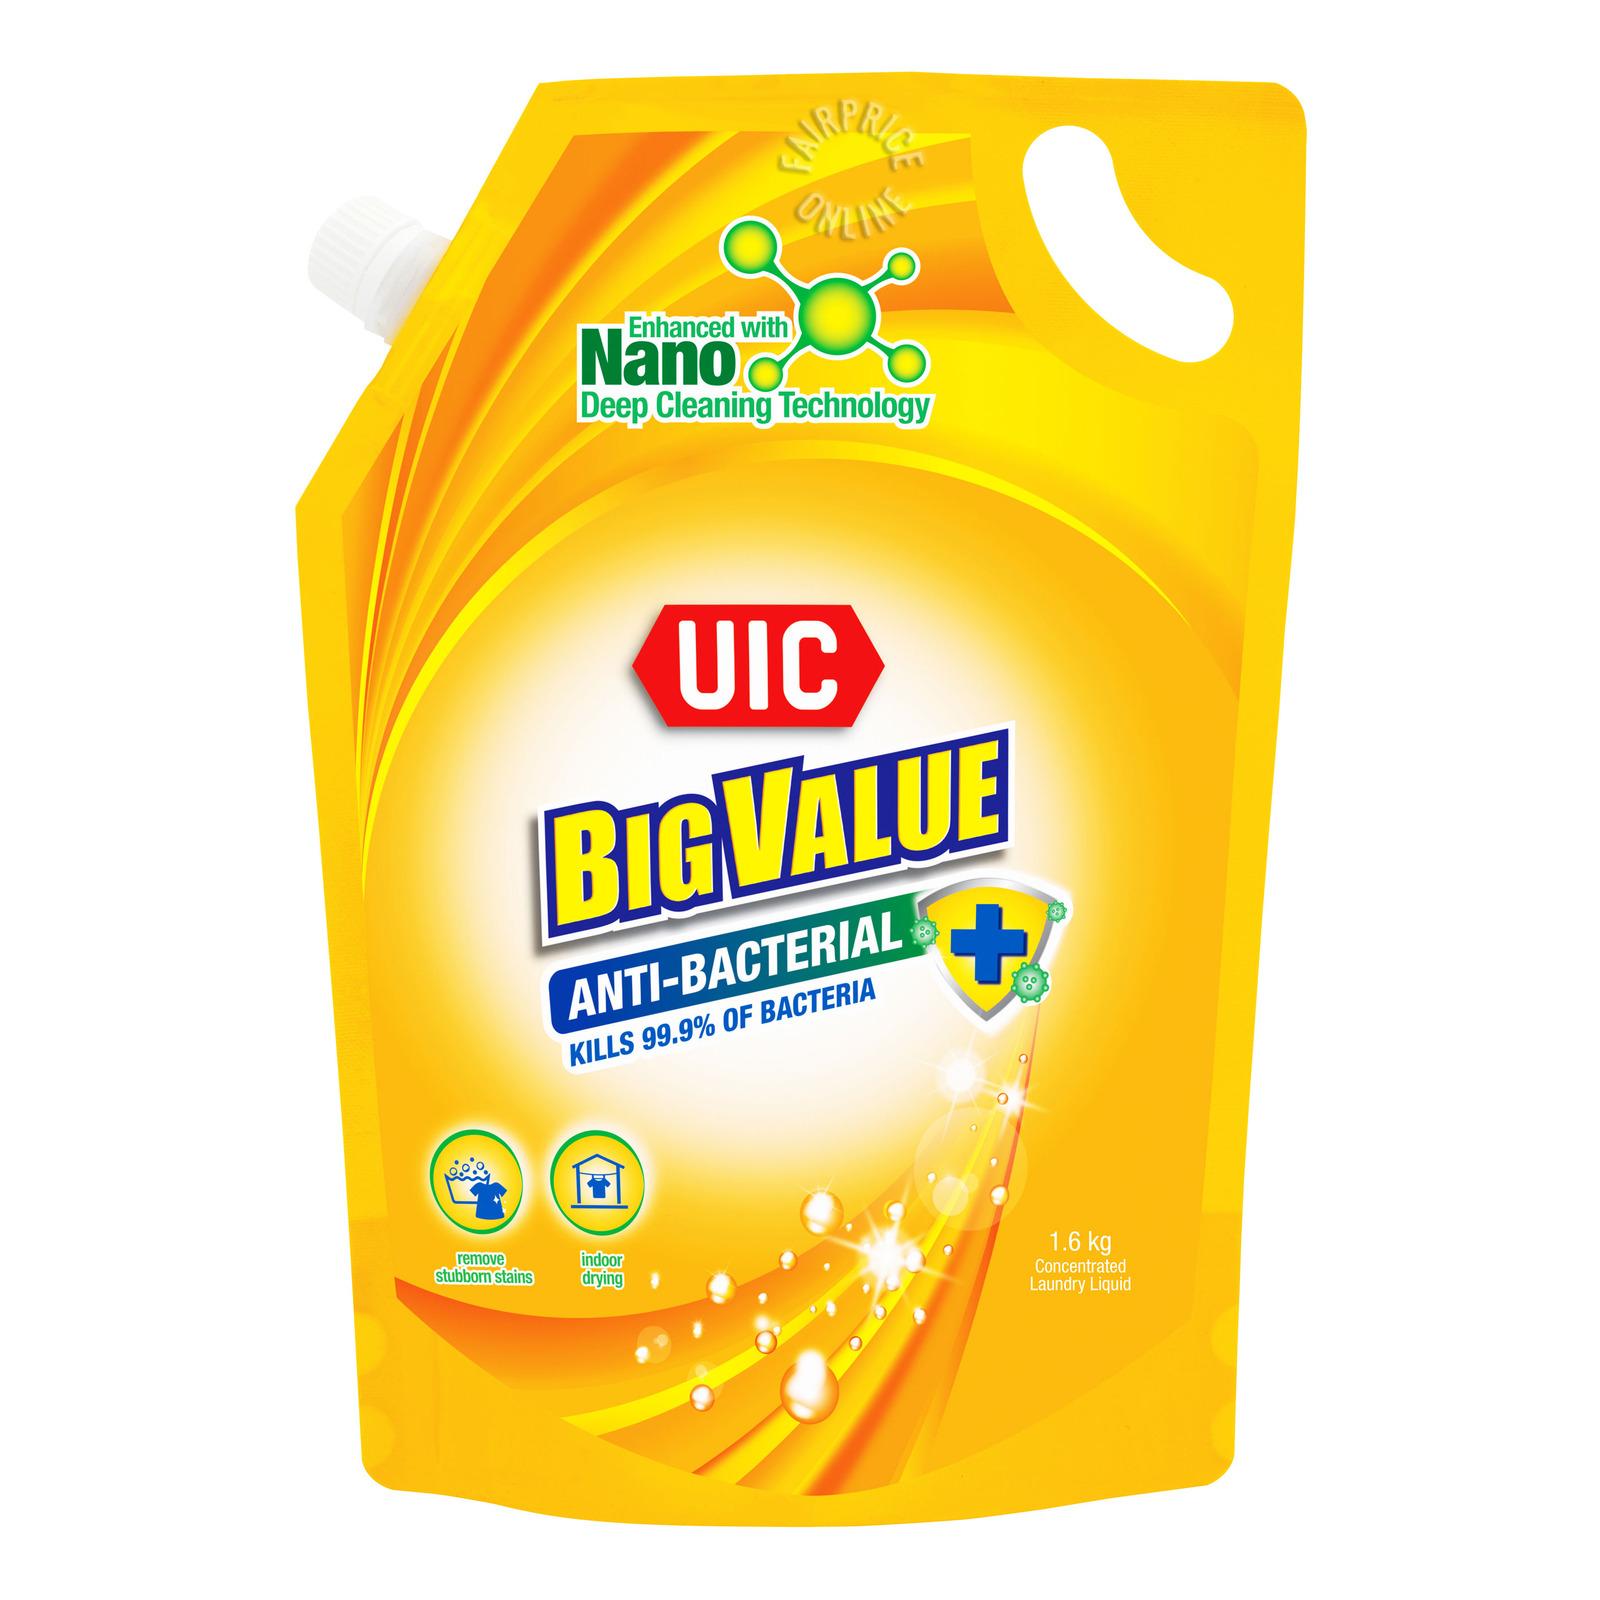 UIC Big Value Liquid Detergent Refill - Anti-Bacterial